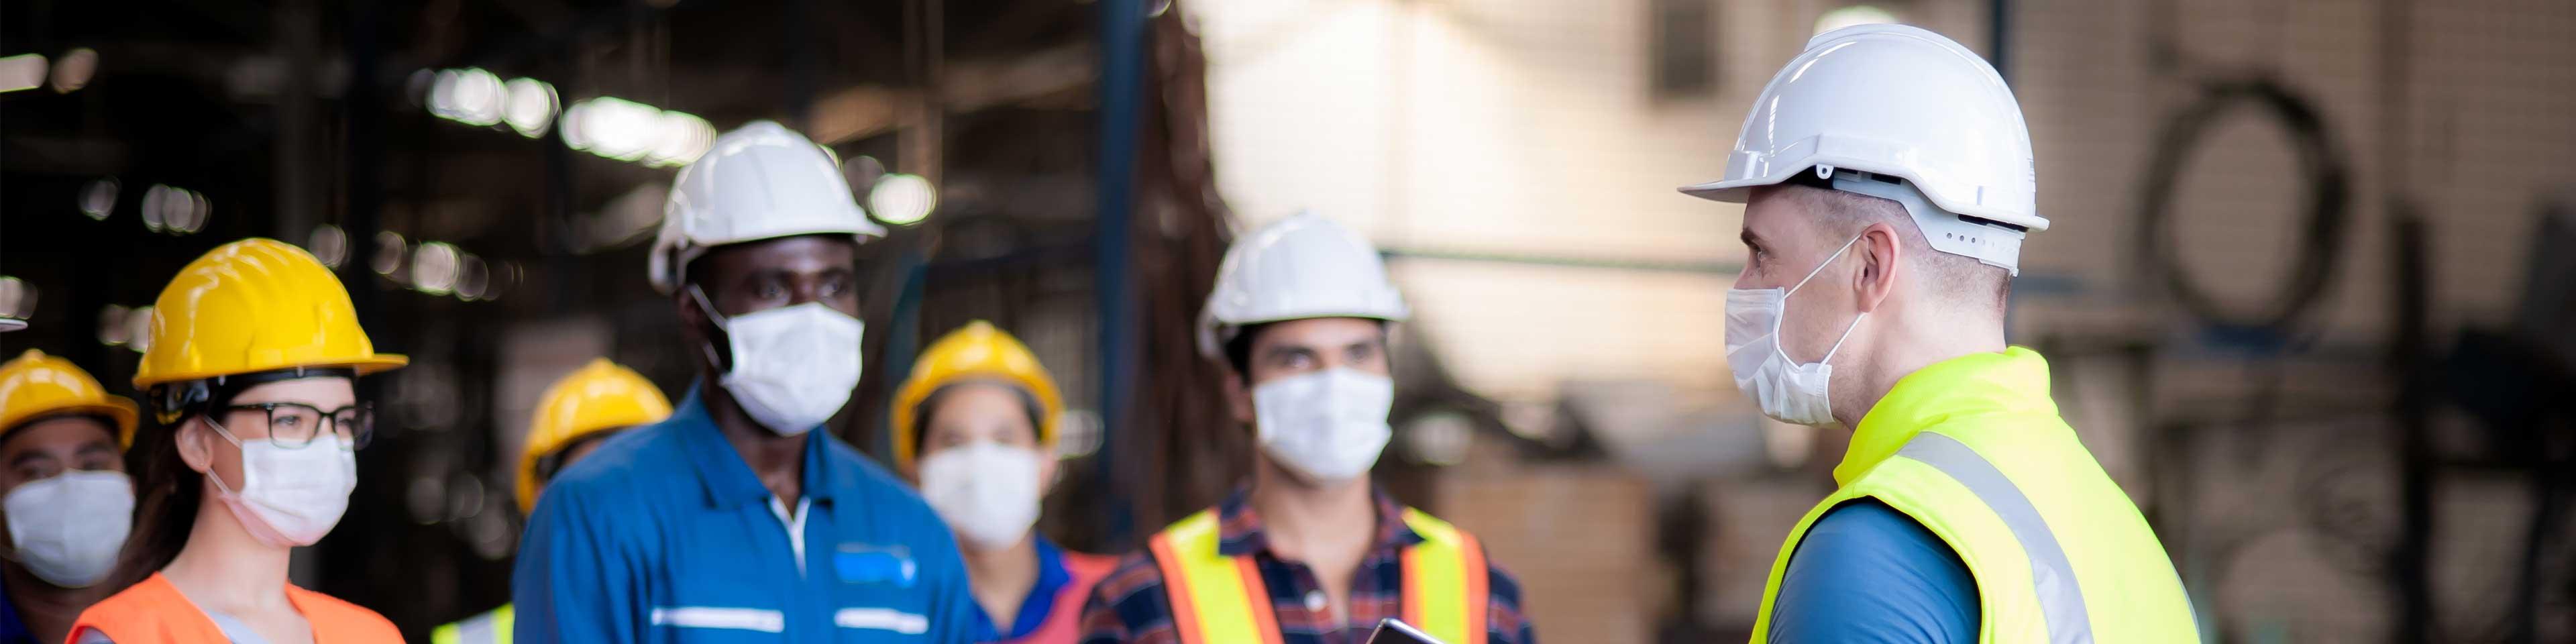 En tant que conseiller en prévention, comment anticiper l'arrivée de tiers allophones sur le lieu de travail ?